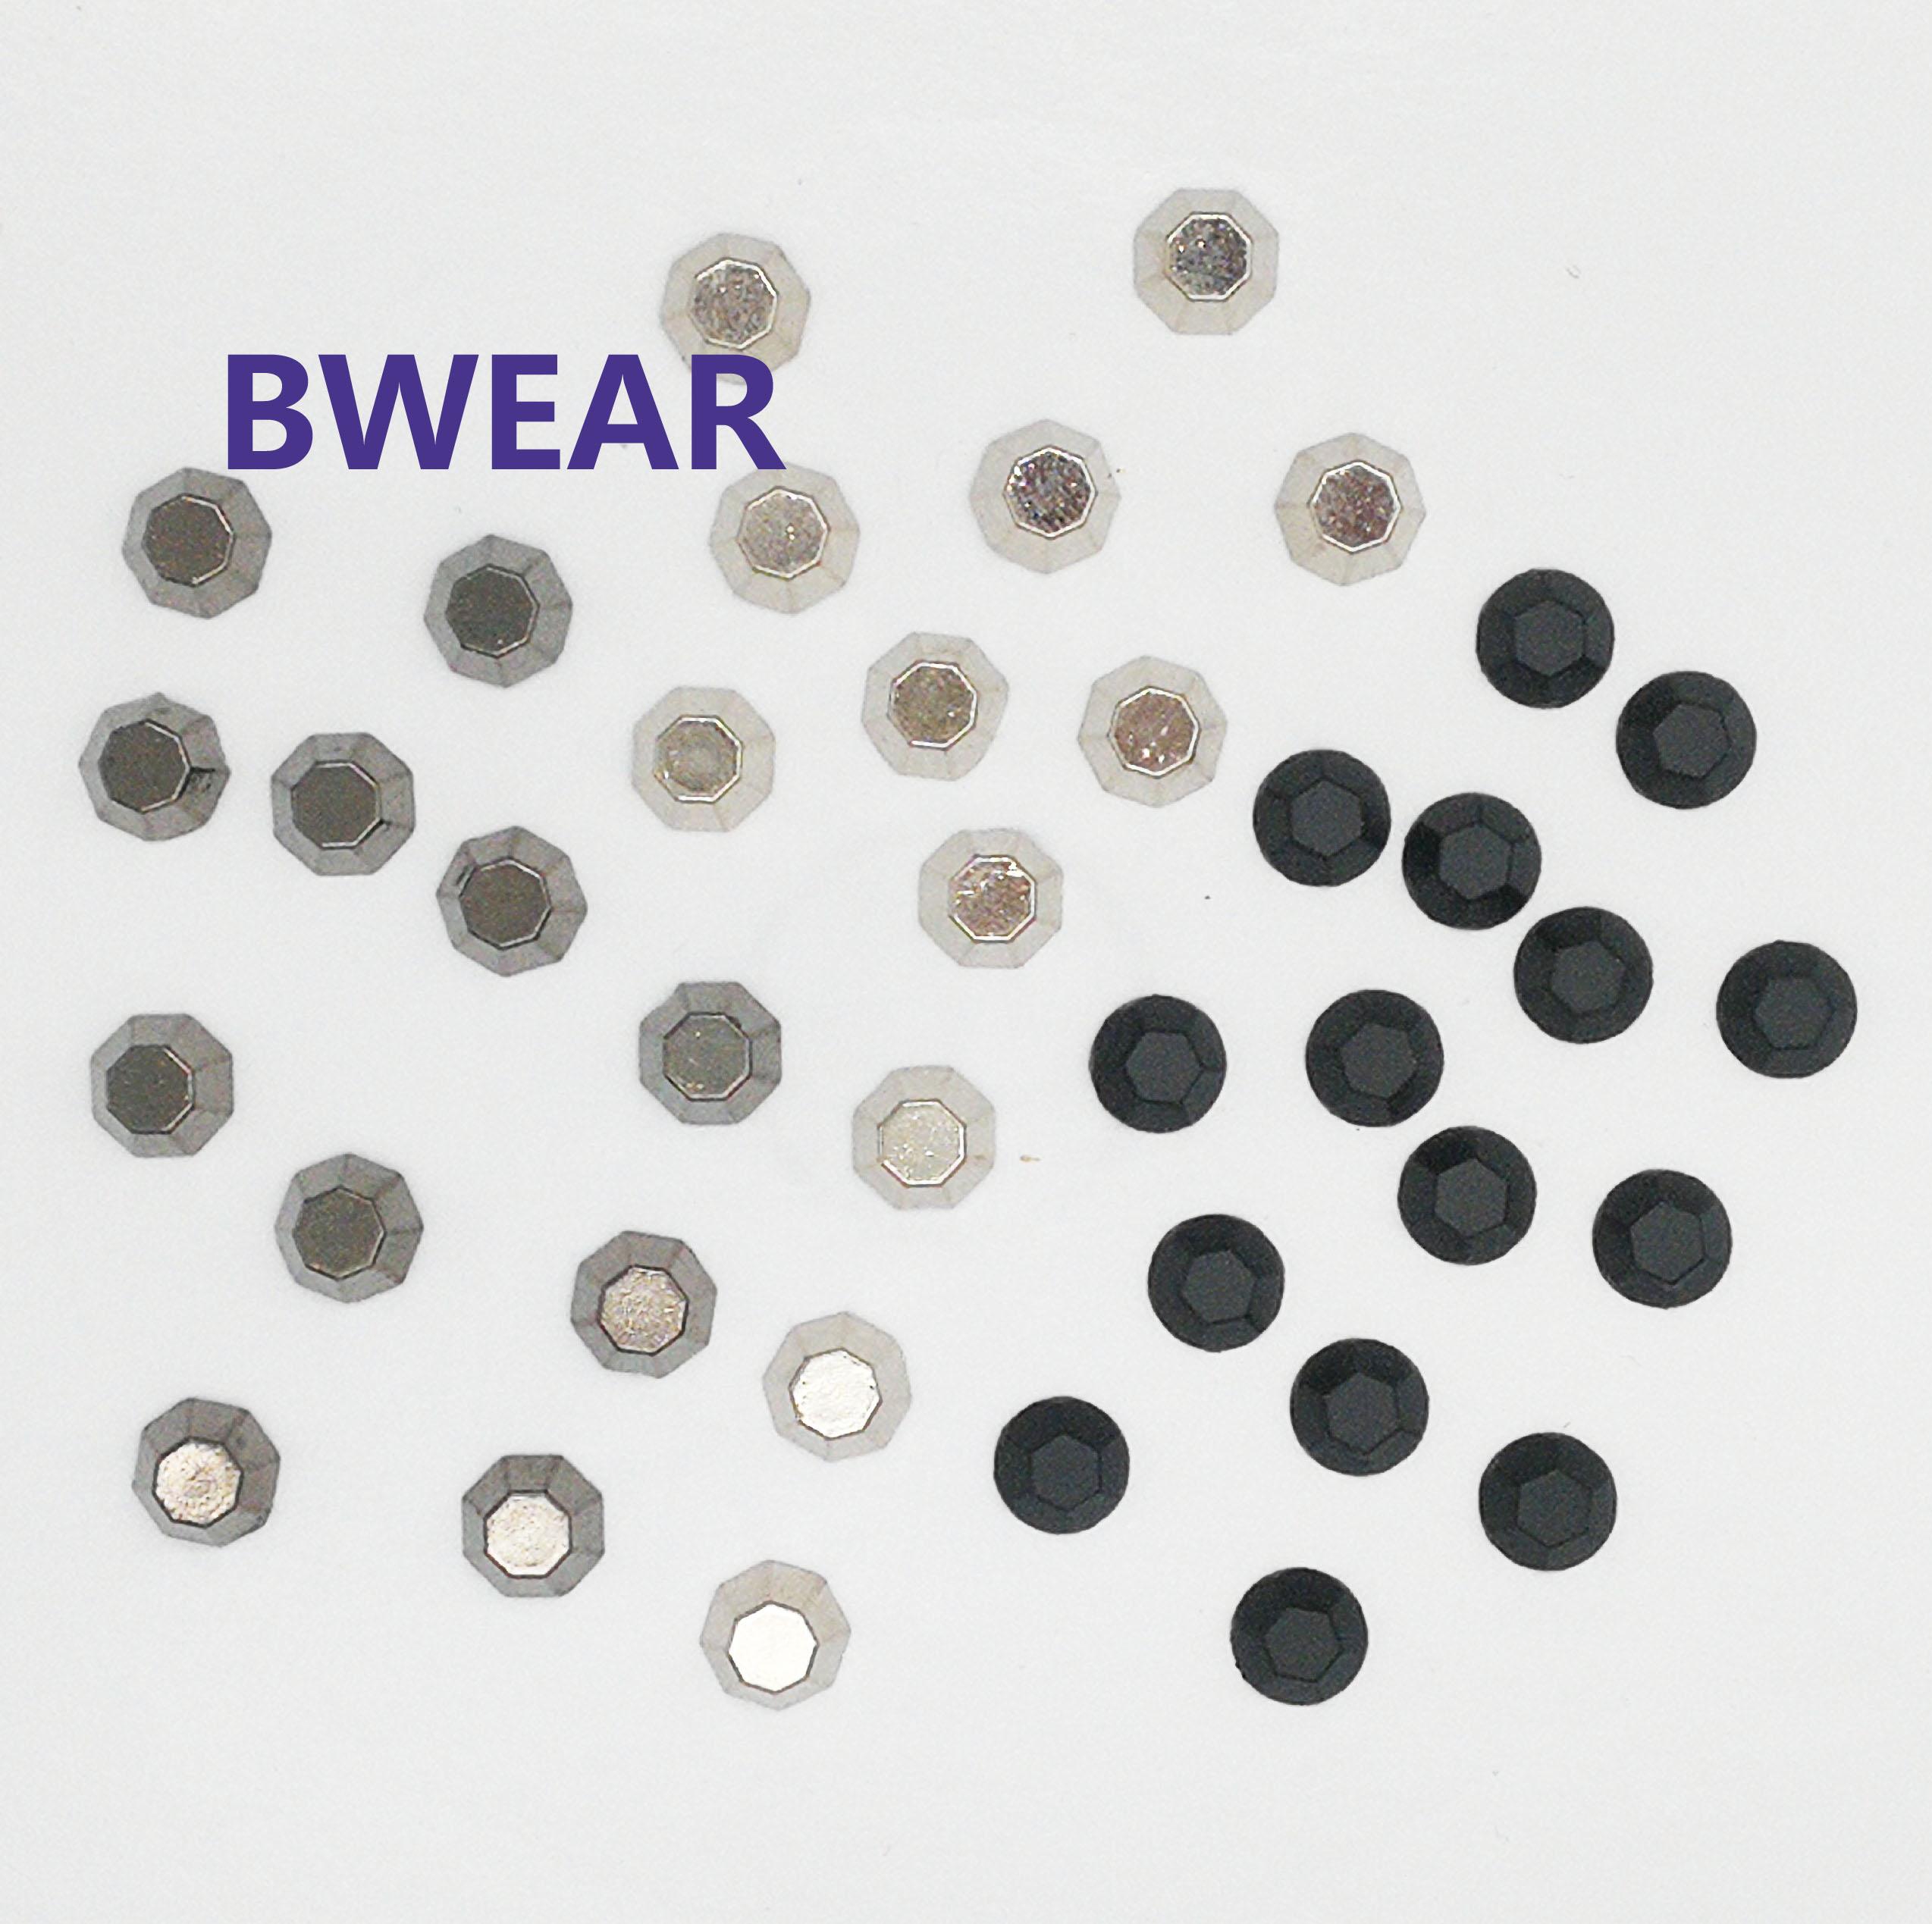 שחור צבע קמור 8mm כיפת בתפזורת קוצים עור מסמרות מתכת הרבעה עבור בגדים